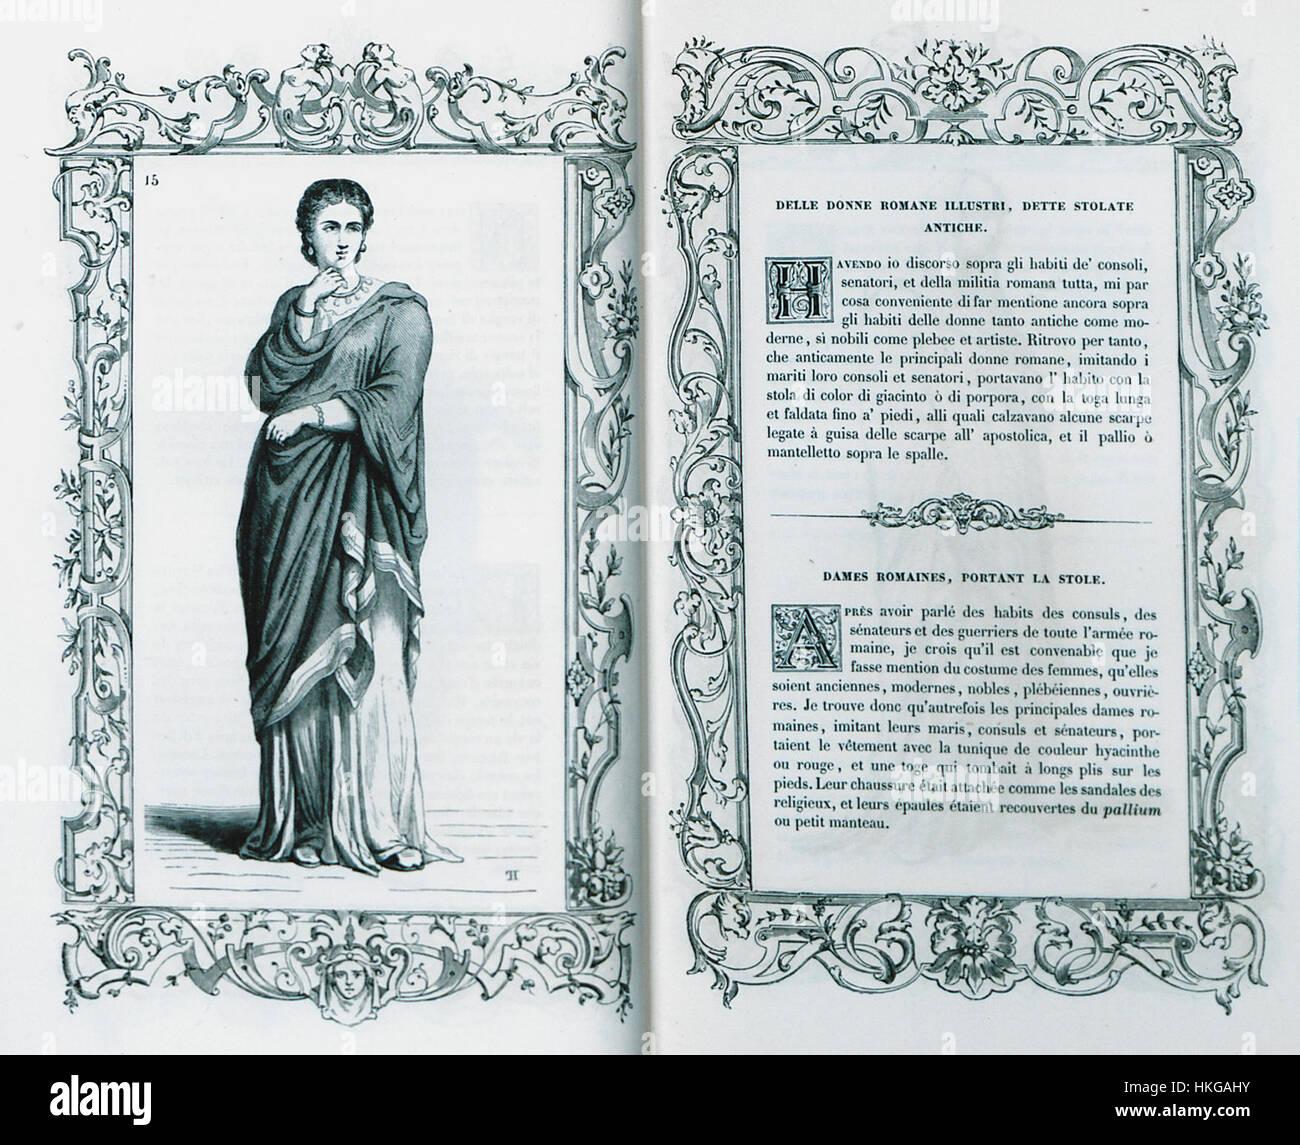 Delle donne romane illustri, stolate sådanne antiche Vecellio Cesare 1860 Photo Stock